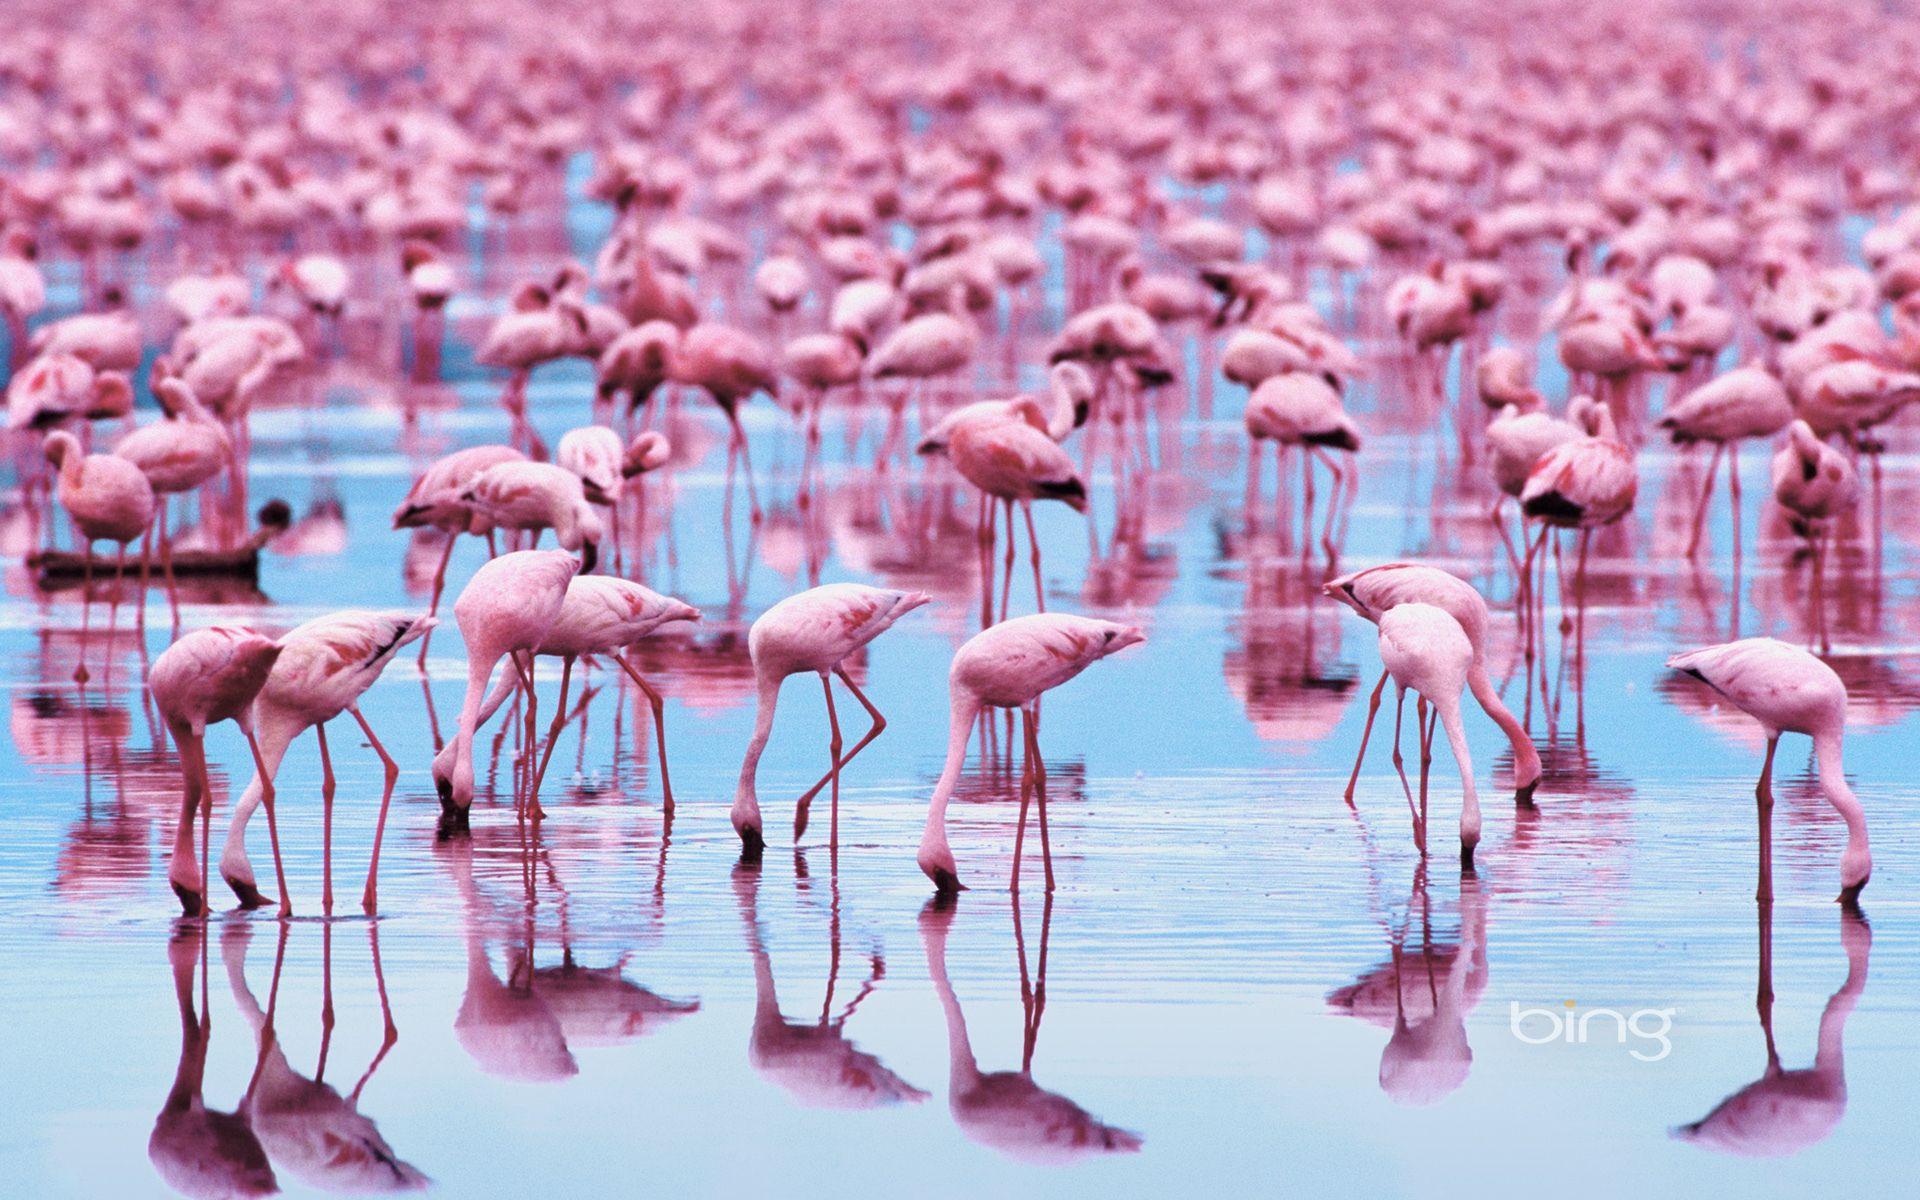 Download wallpaper animals, Birds, flamingo free desktop